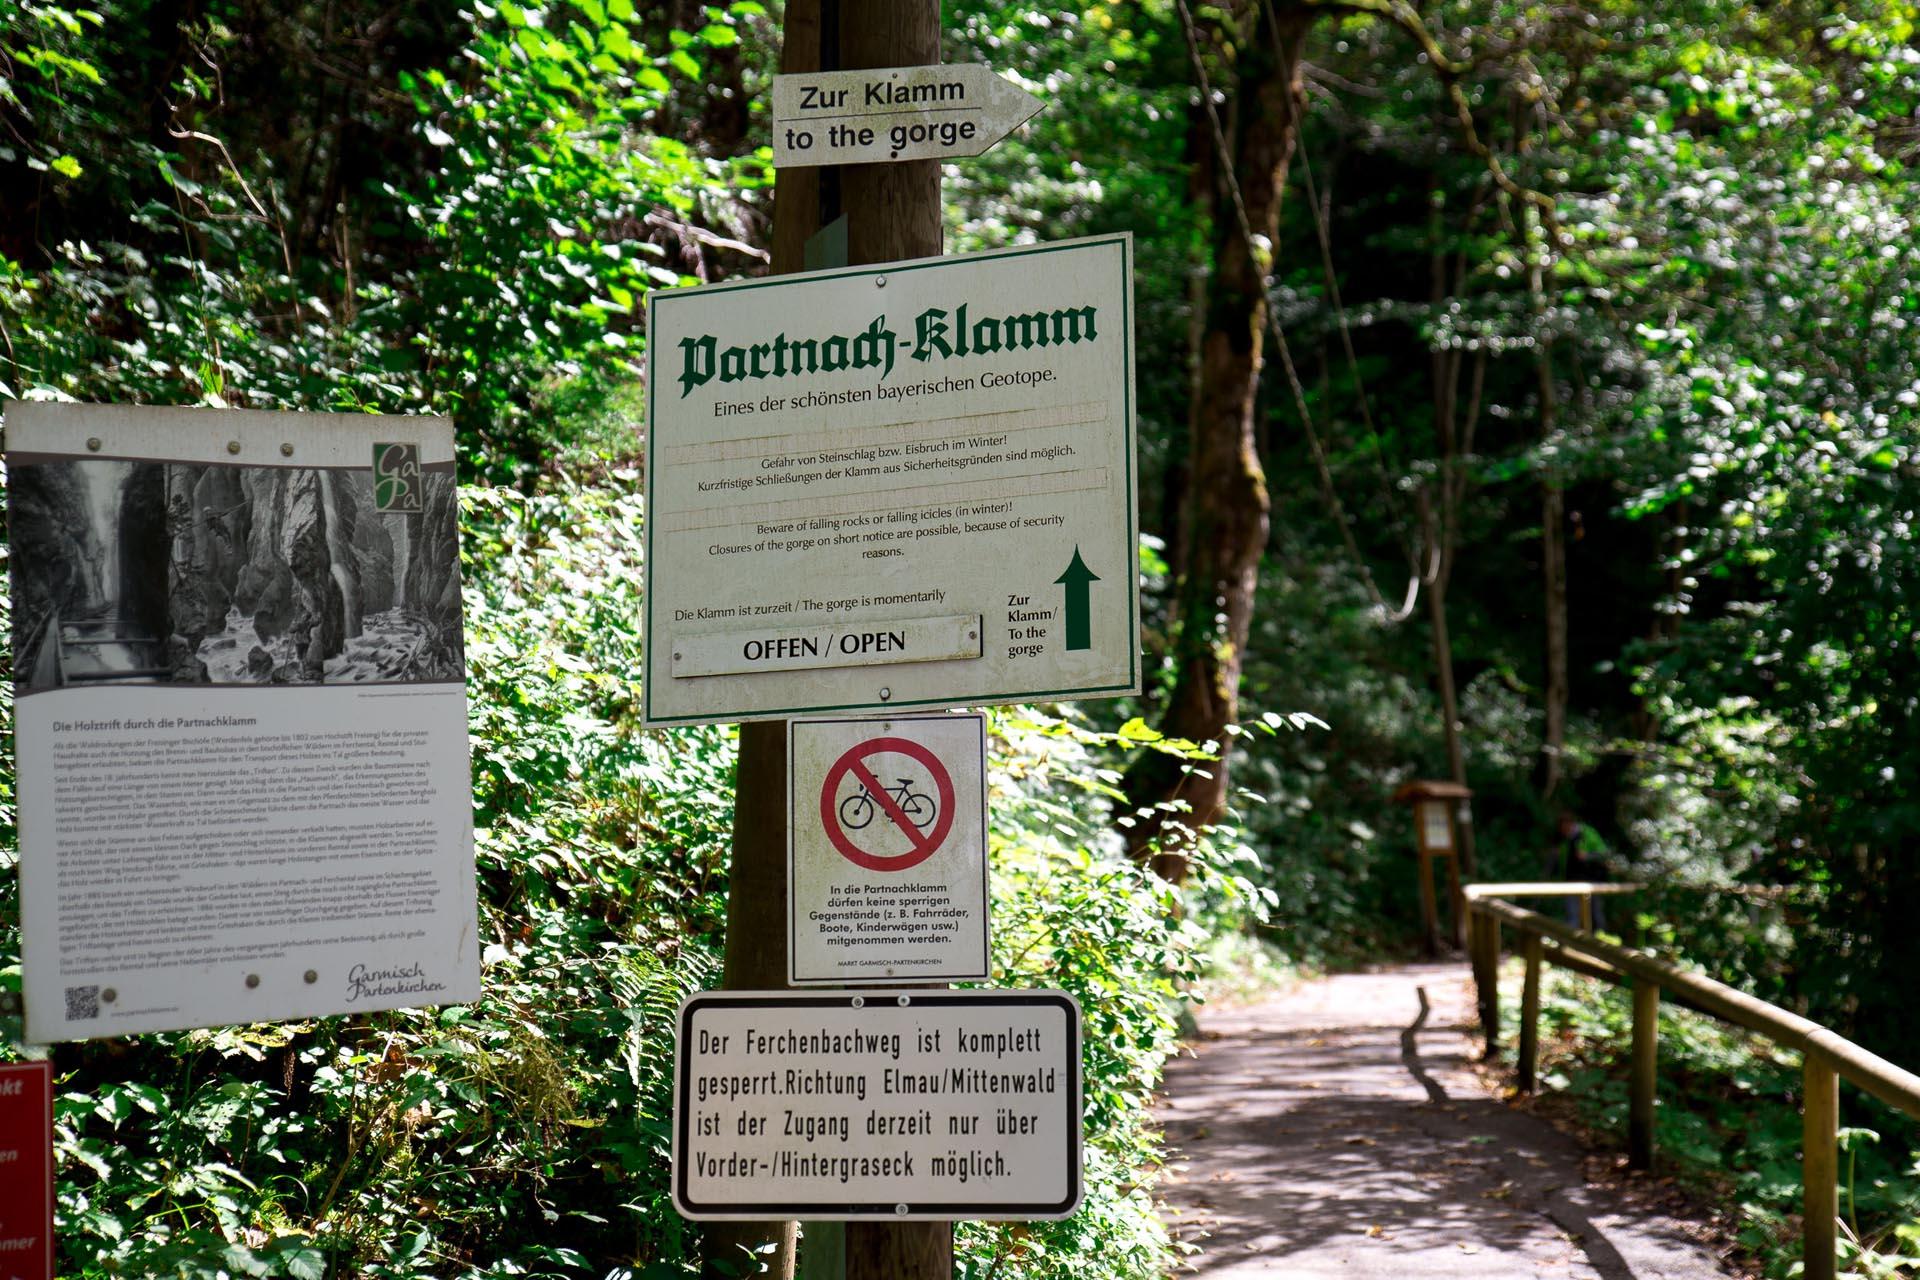 Die Partnachklamm - Garmisch-Partenkirchen